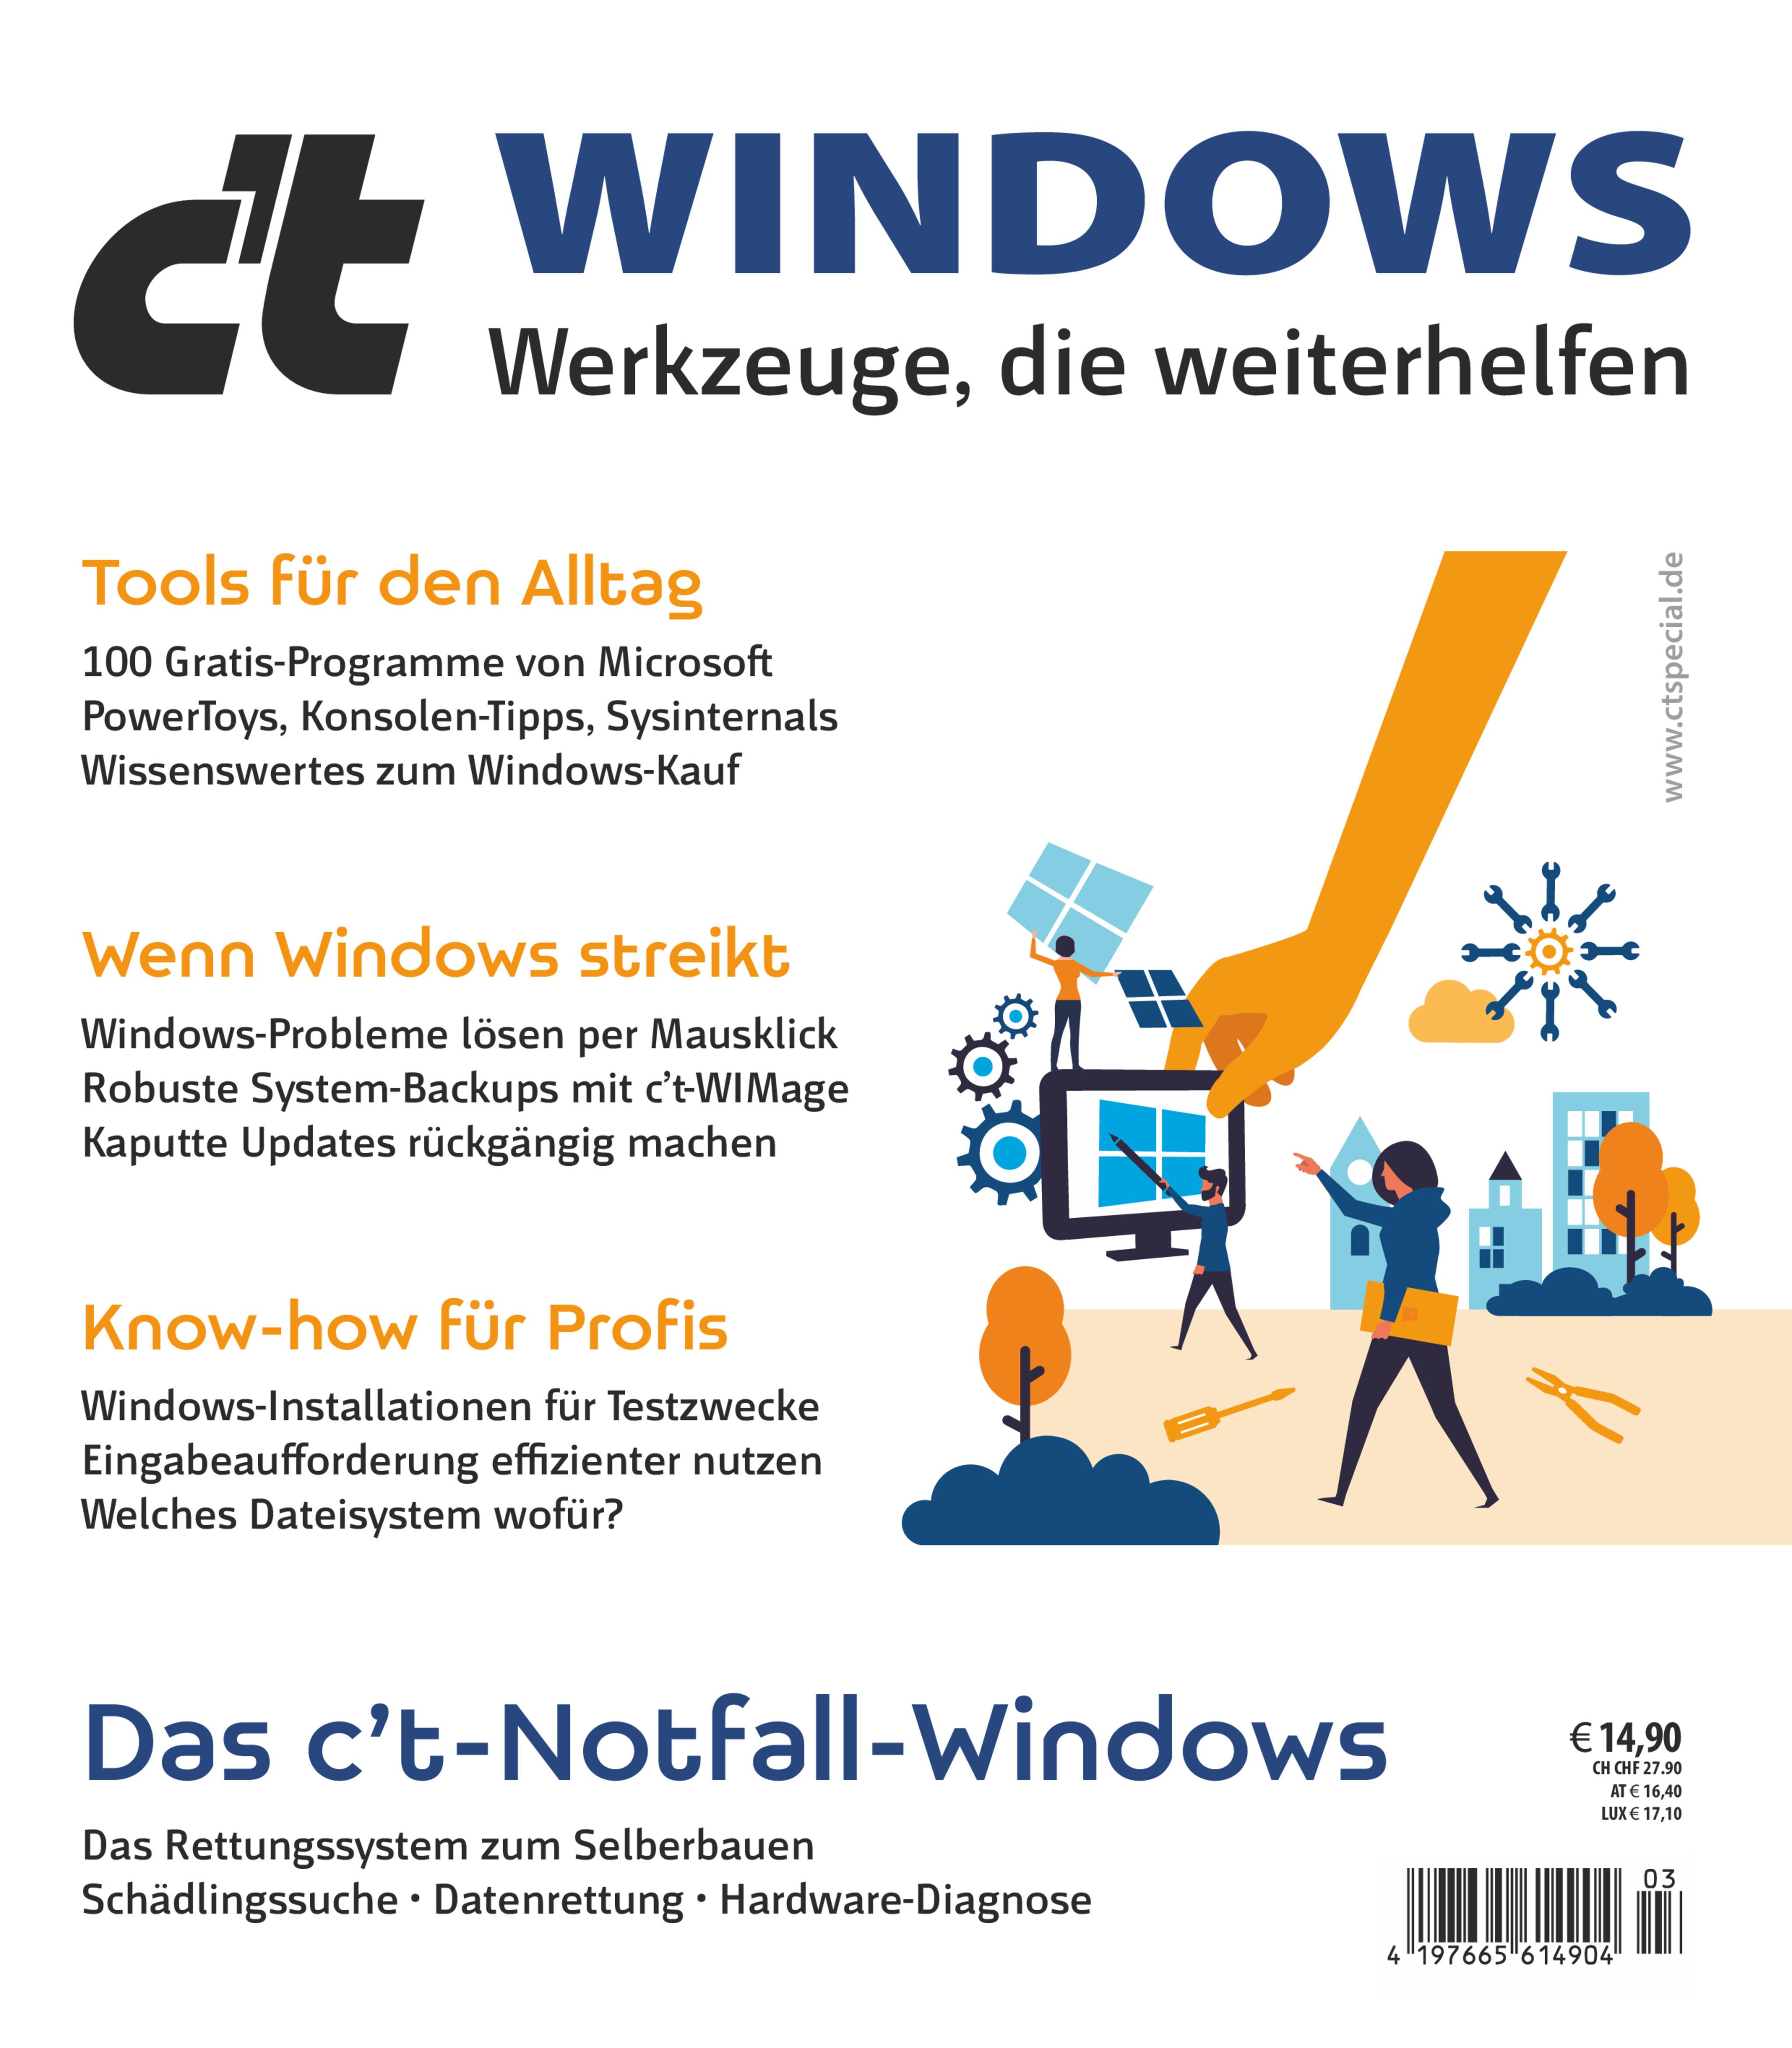 c't Windows 2021